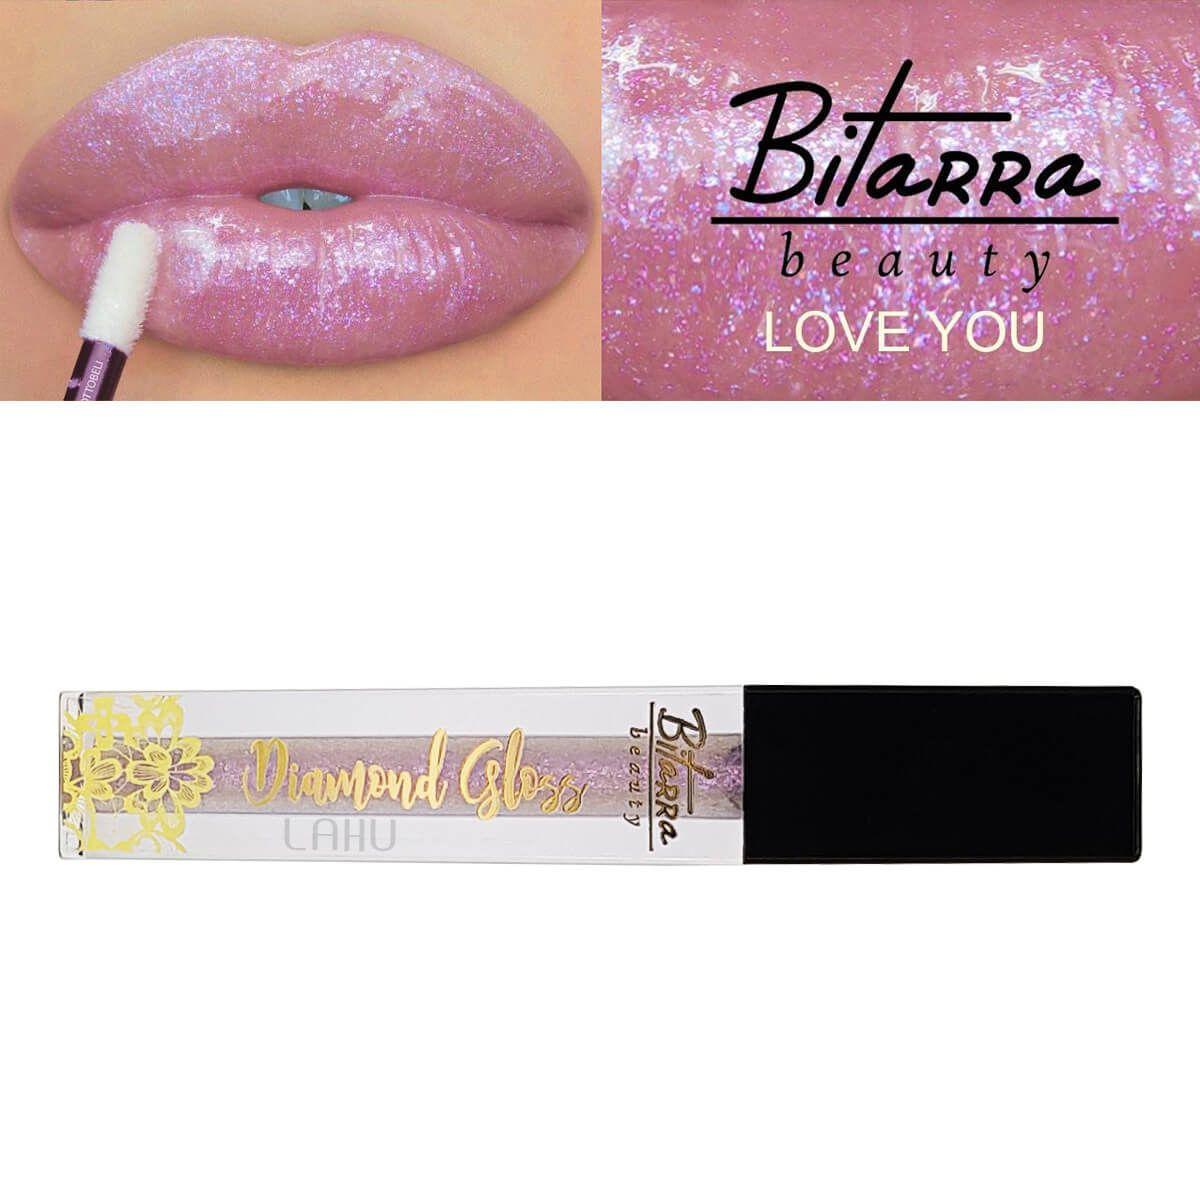 Gloss Diamond Love You Bitarra